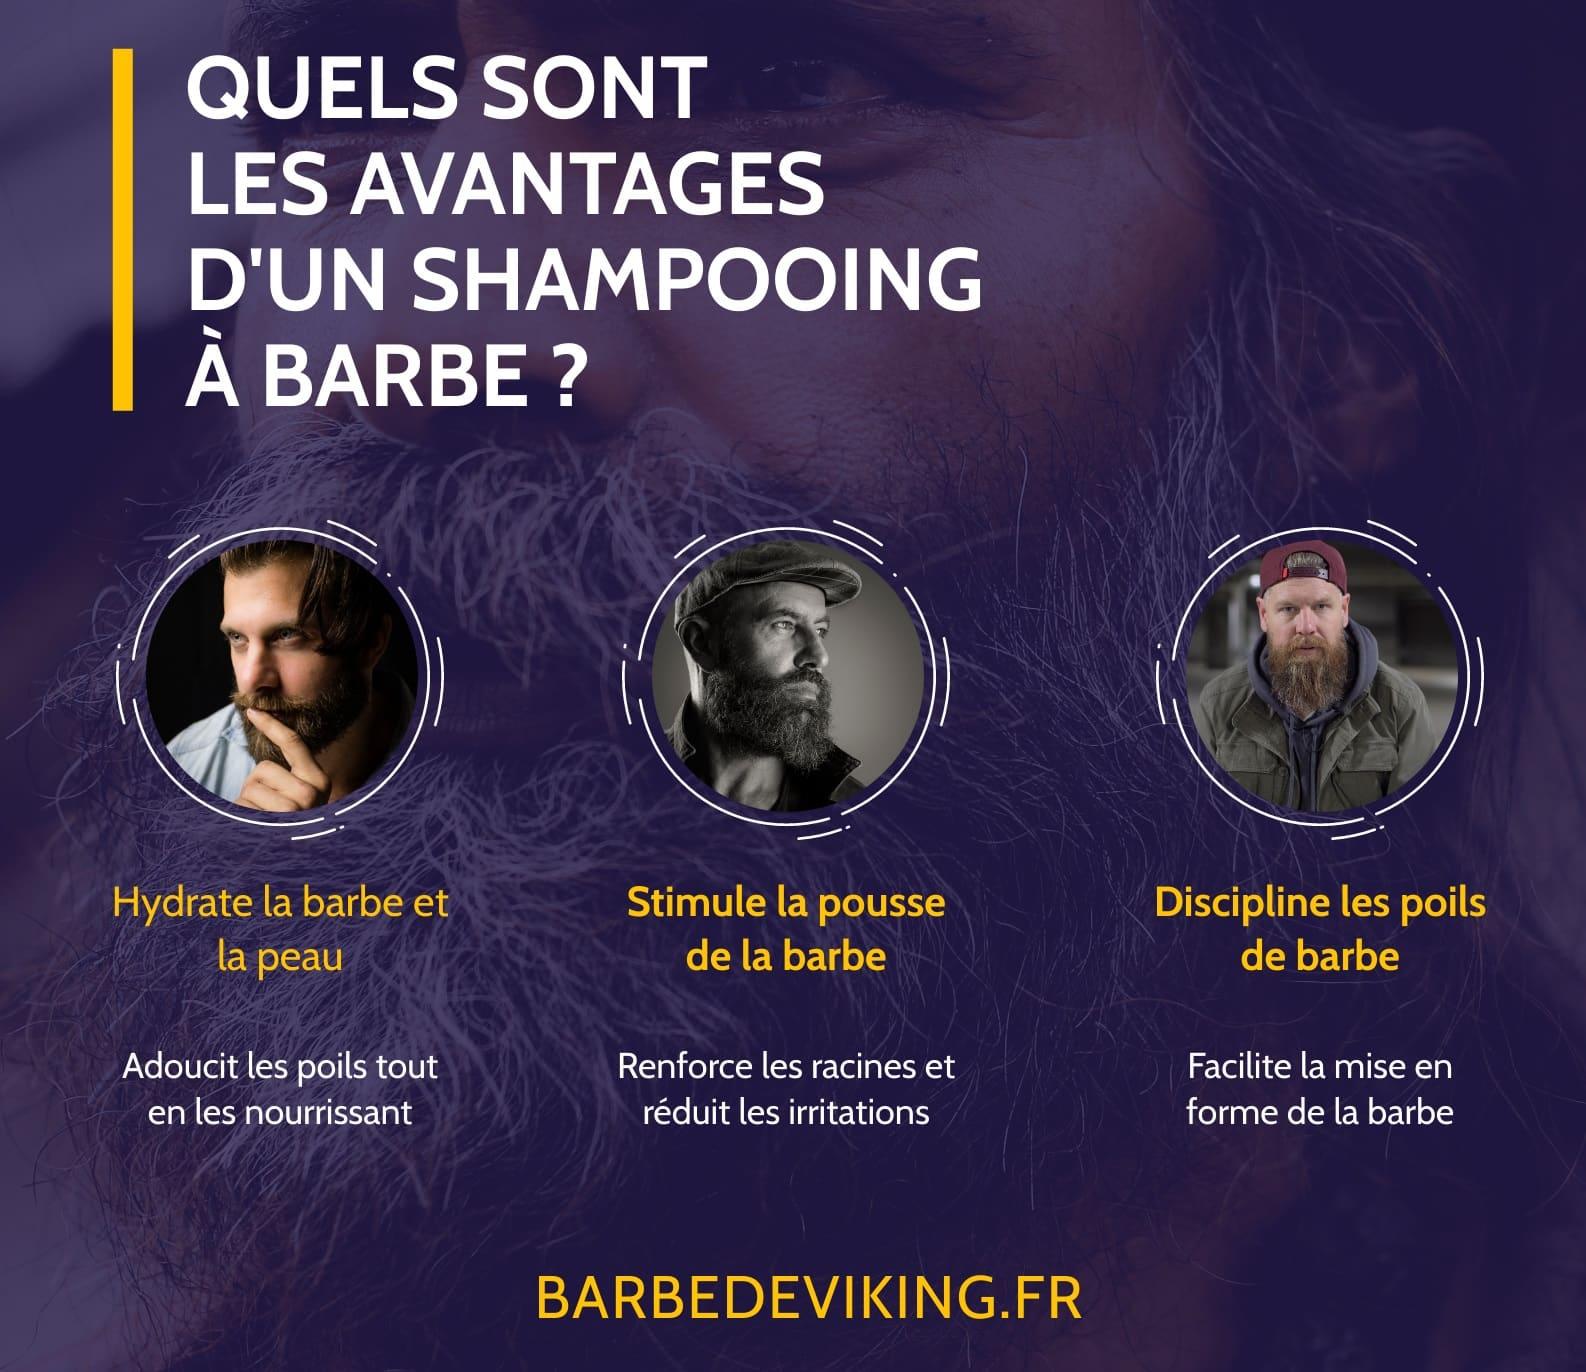 Quels sont les avantages d'un shampoing à barbe - infographie